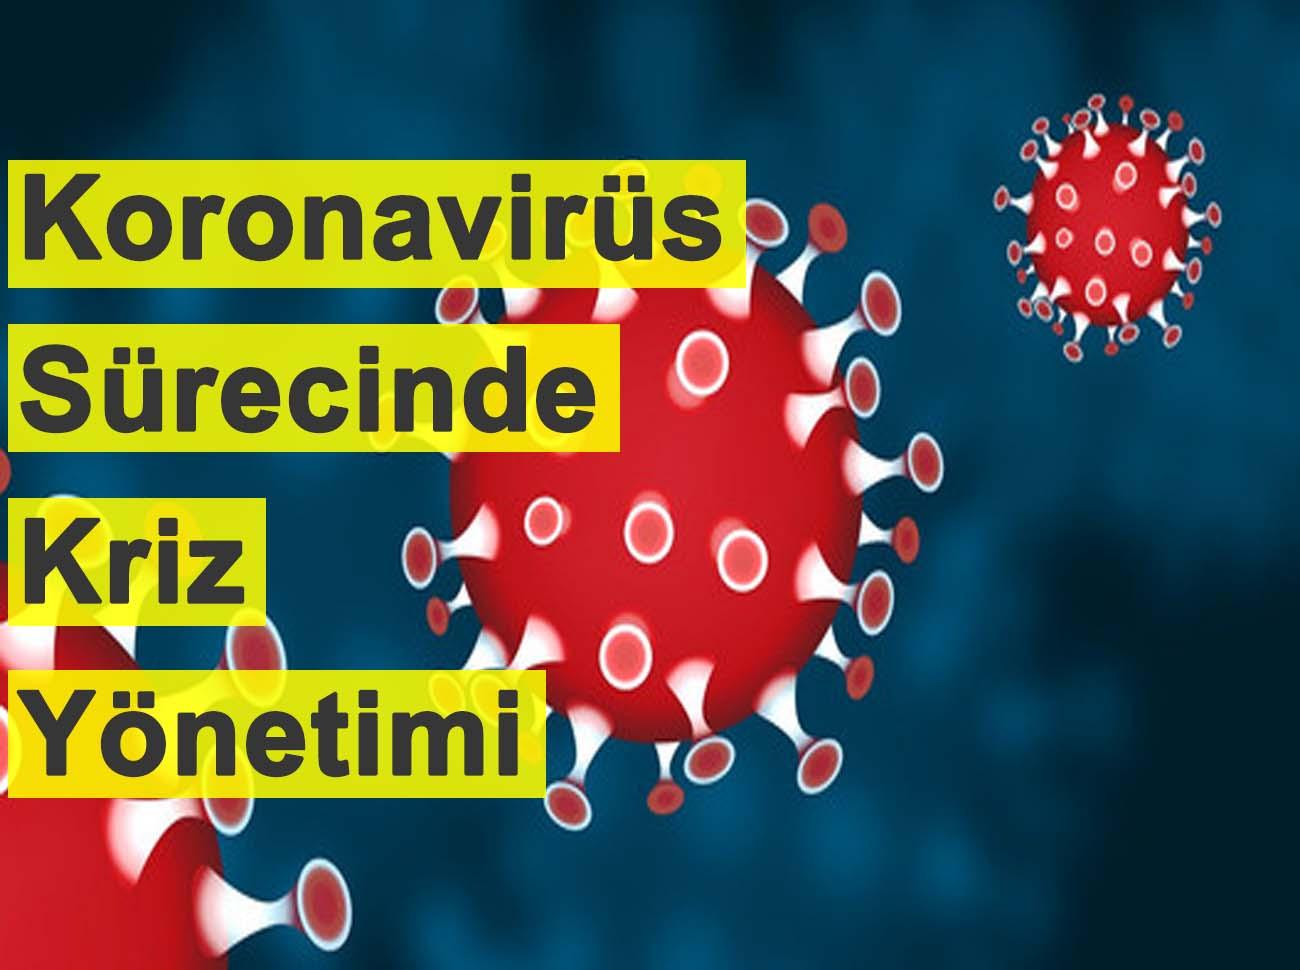 Koronavirüs Sürecinde Kriz Yönetimi